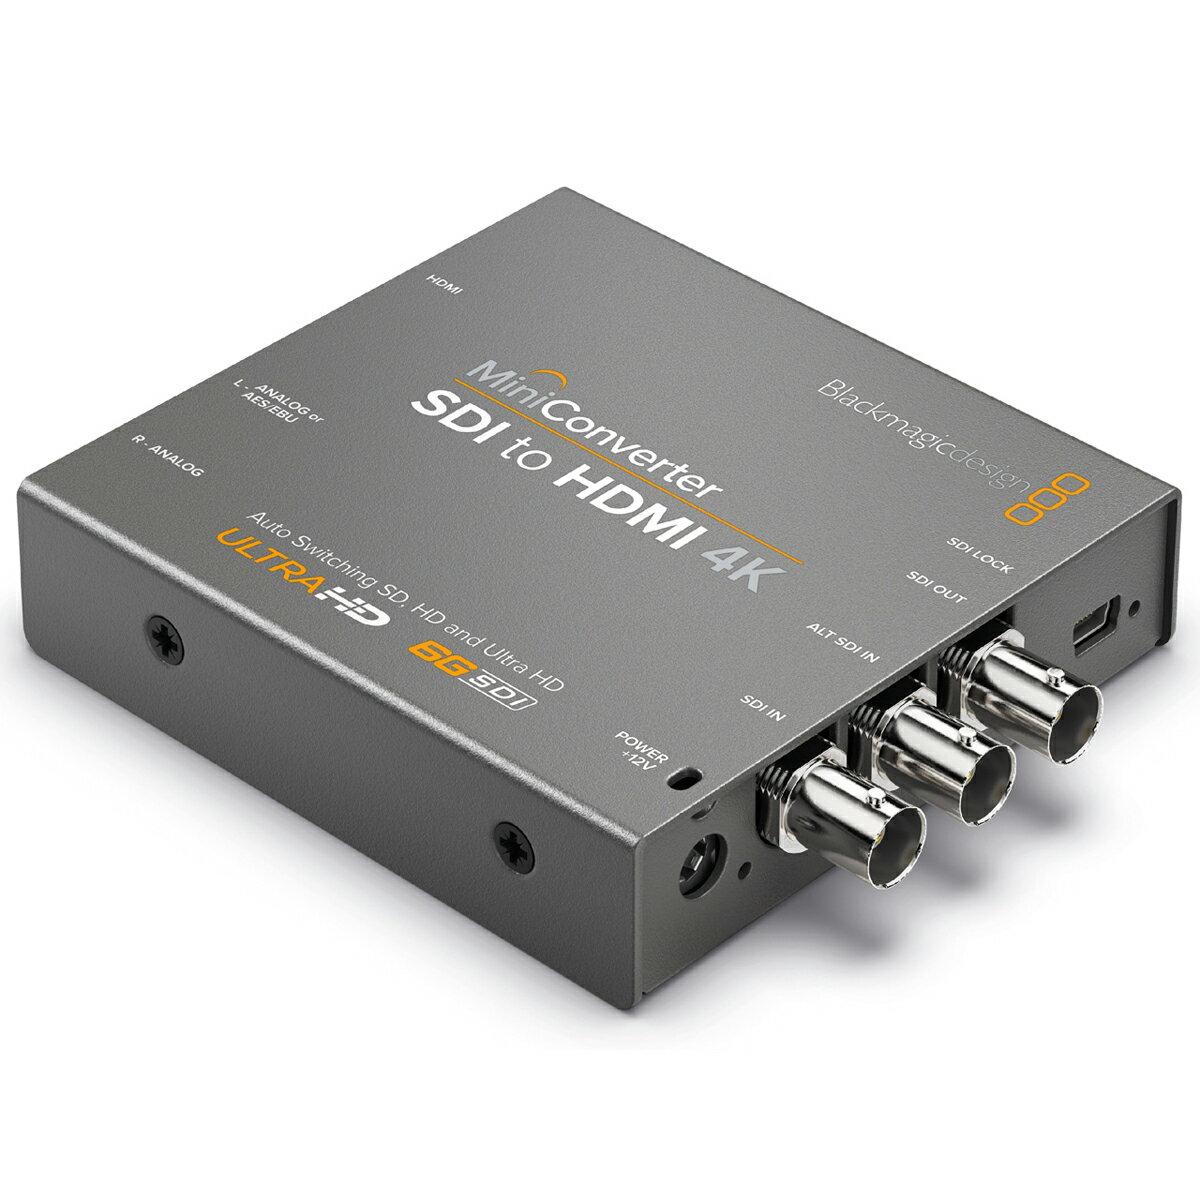 Blackmagic Design Mini Converter SDI to HDMI 4K [CONVMBSH4K]